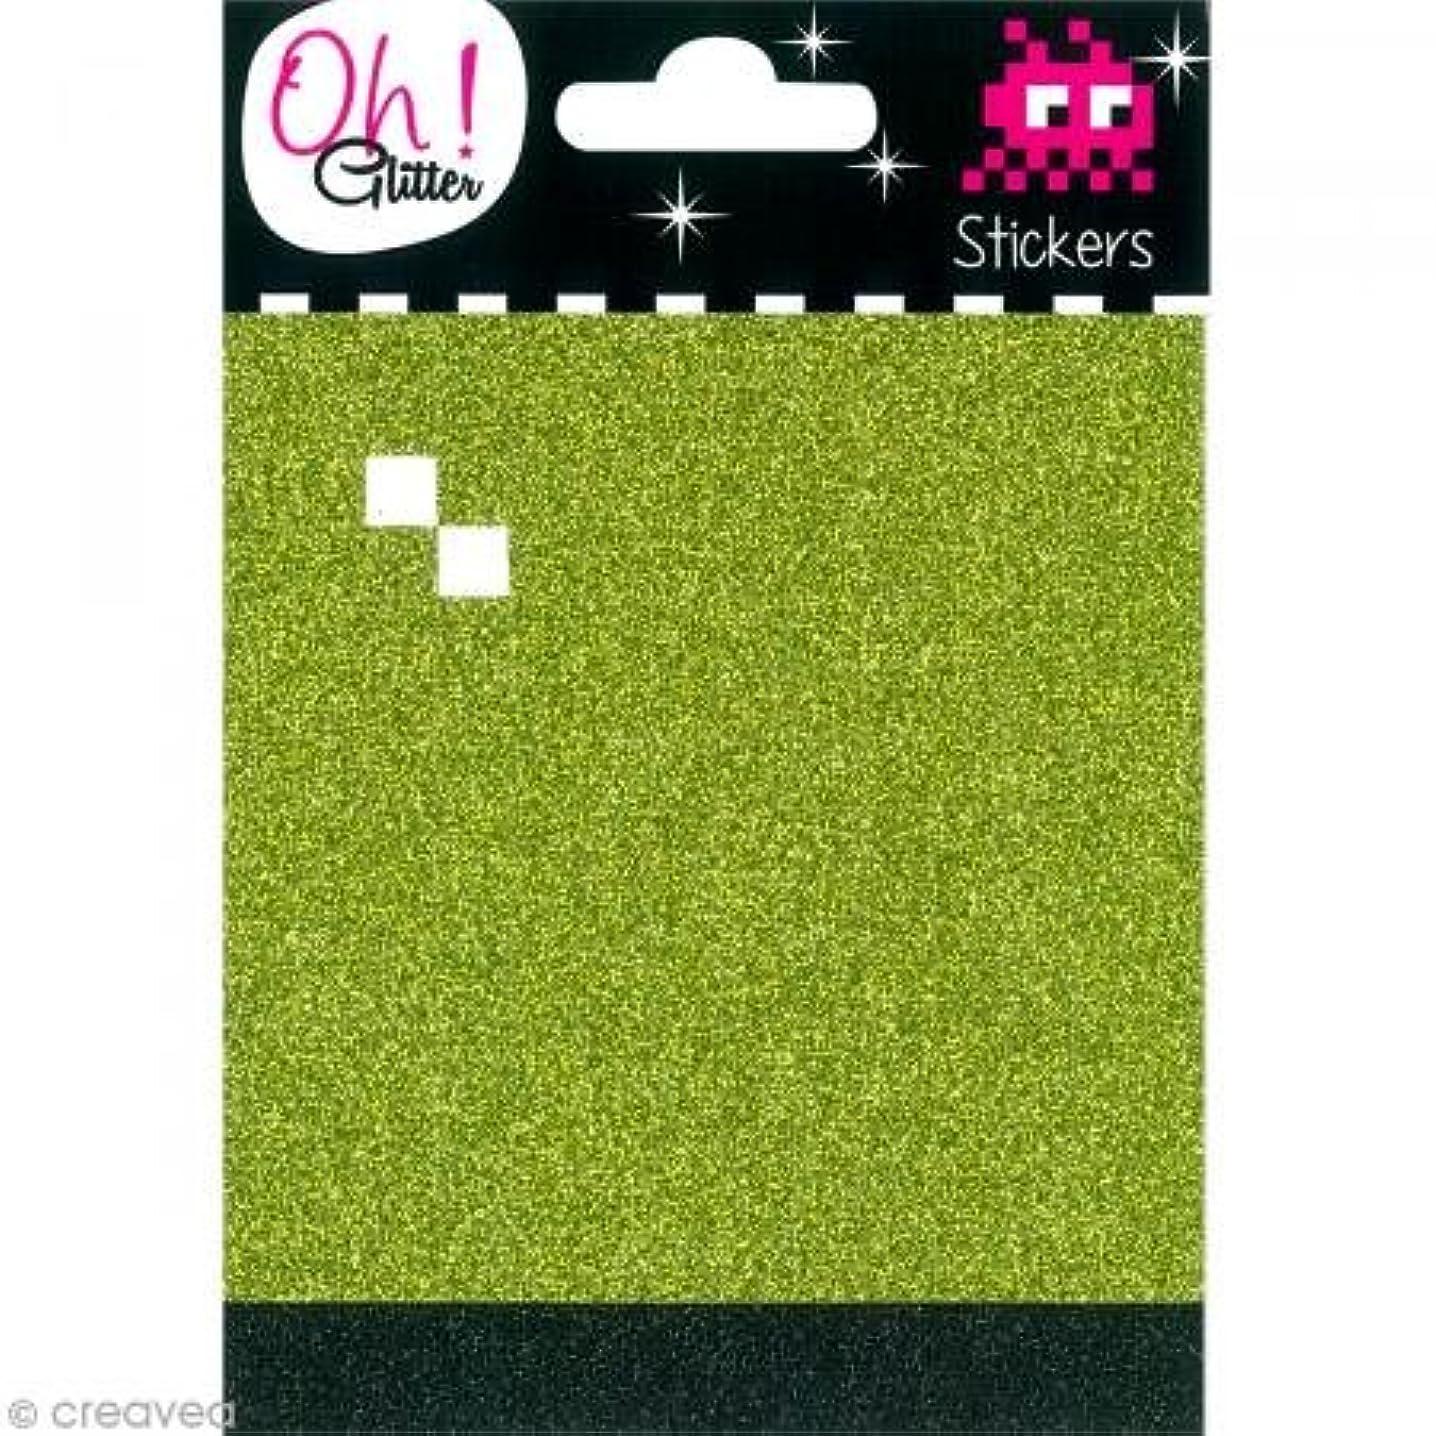 Oh ! Glitter Glitter Stickers, Paper, vert-Noir 10?x 14.5?x 0.2?cm